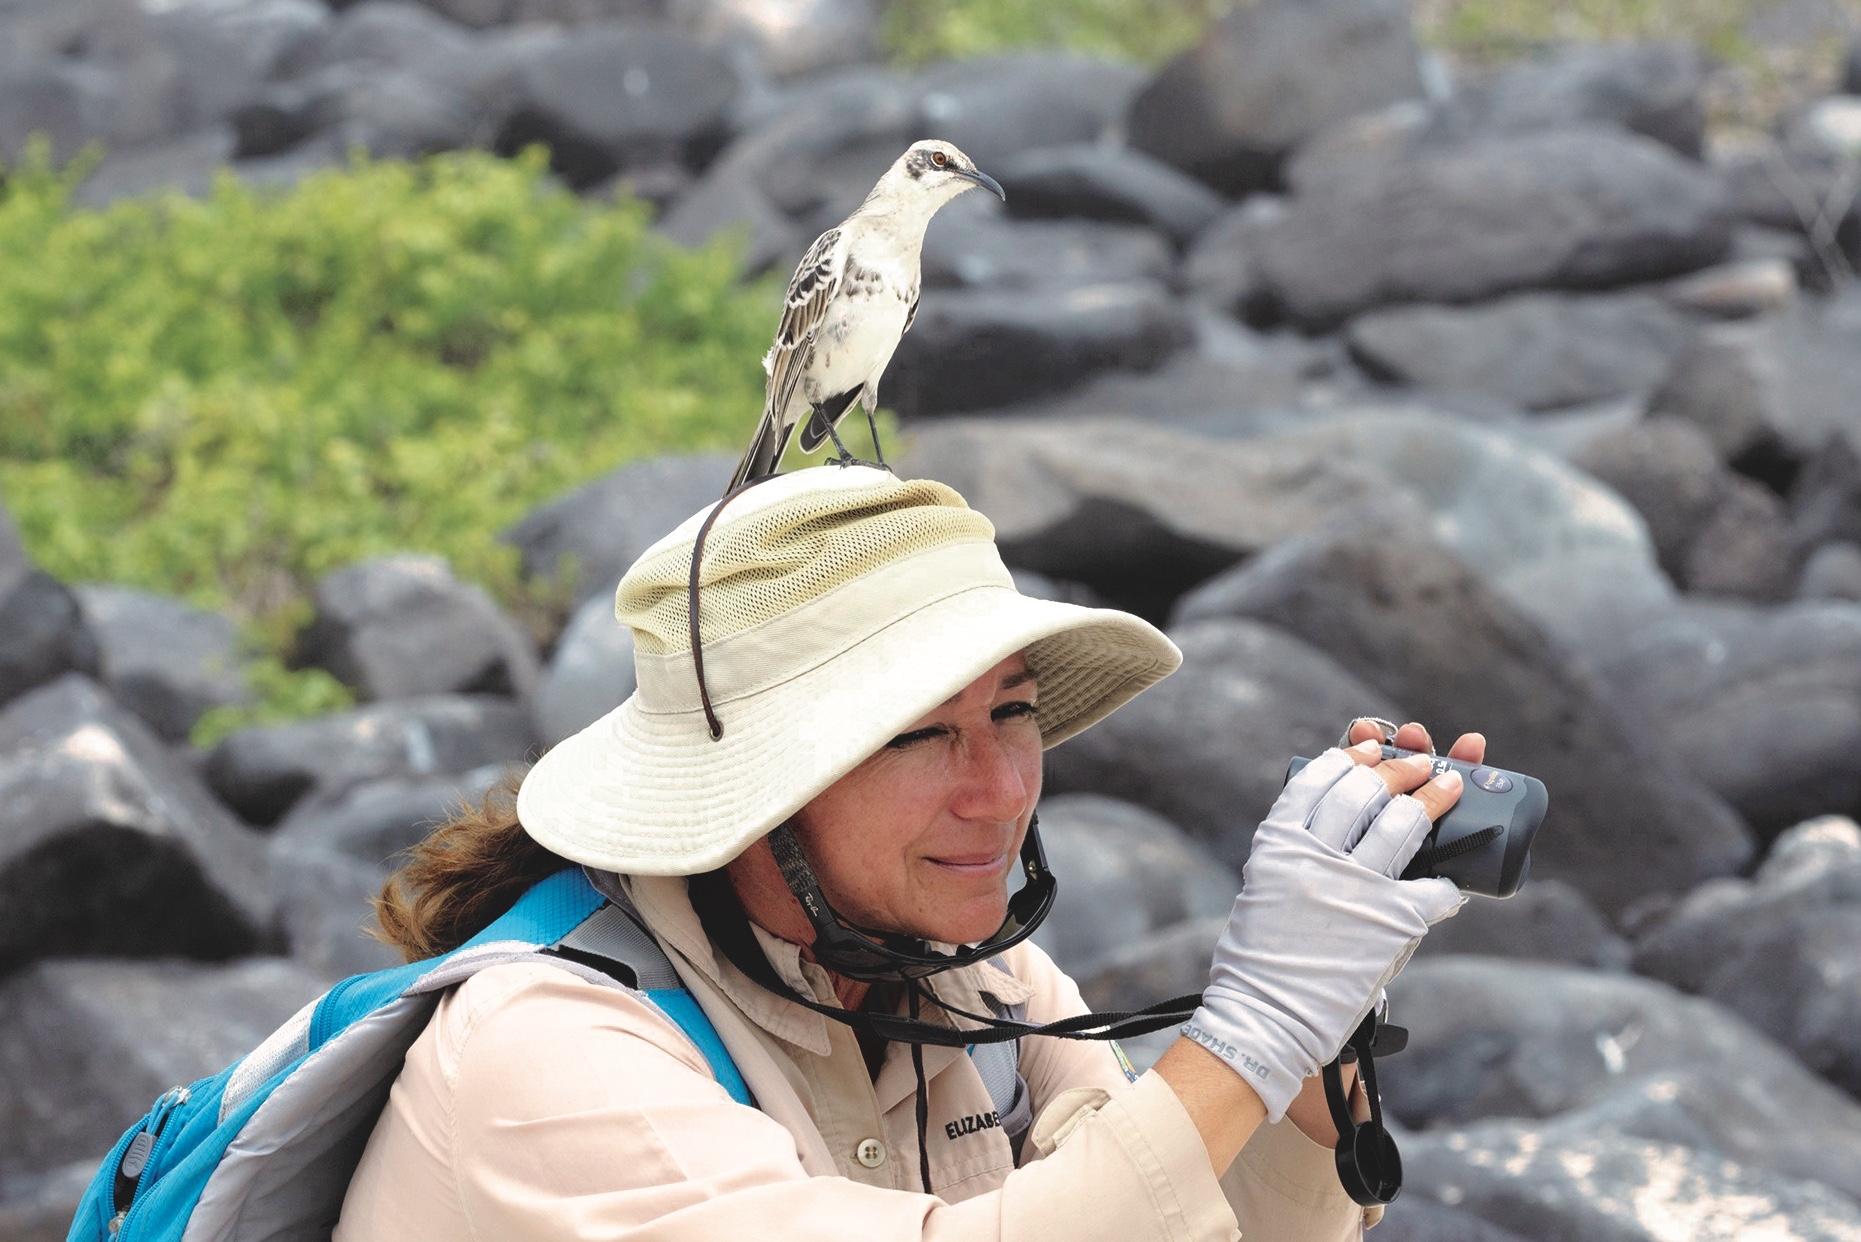 Elizabeth (Ely) and an Española Mockingbird